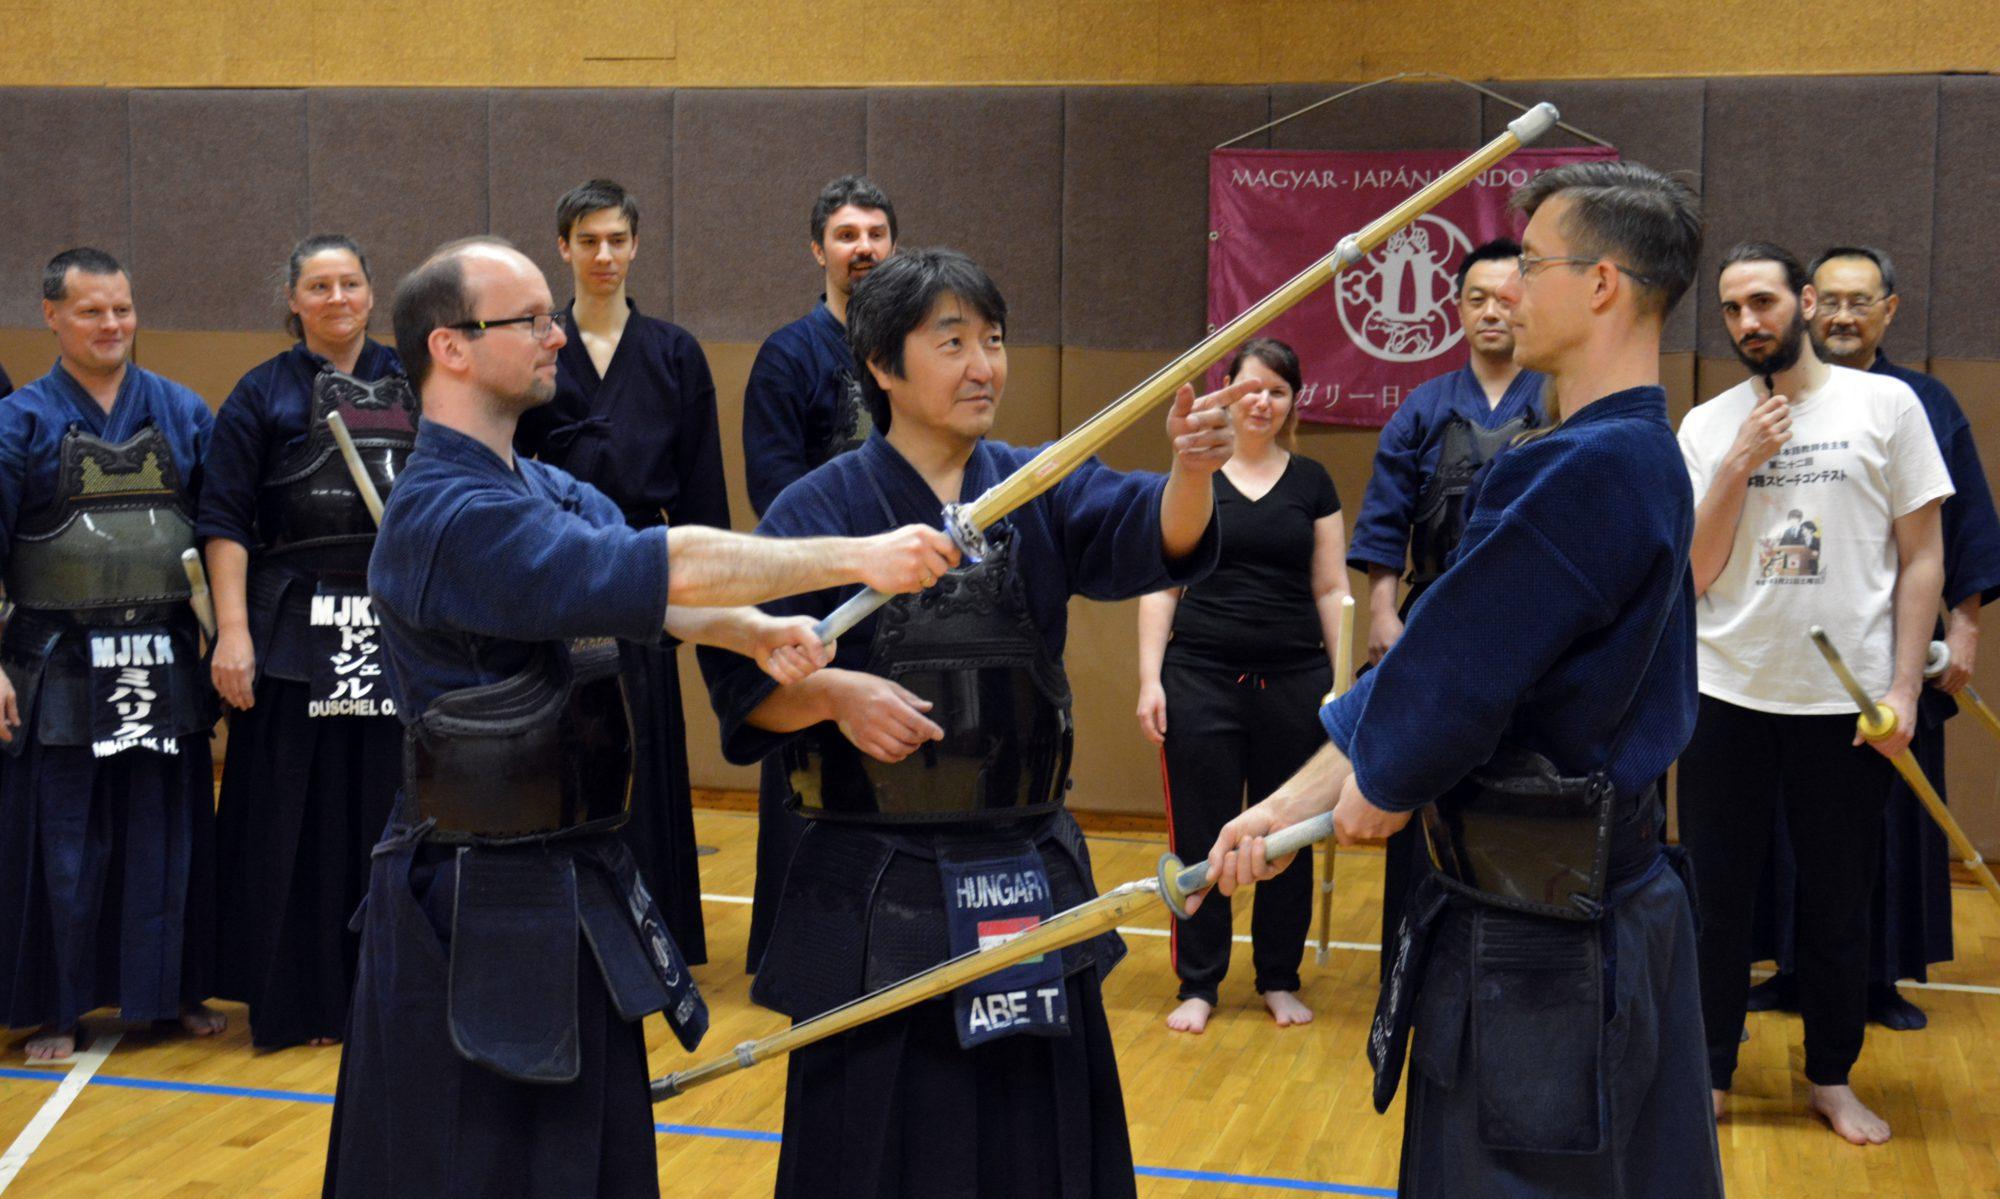 Magyar-Japán Kendó Klub